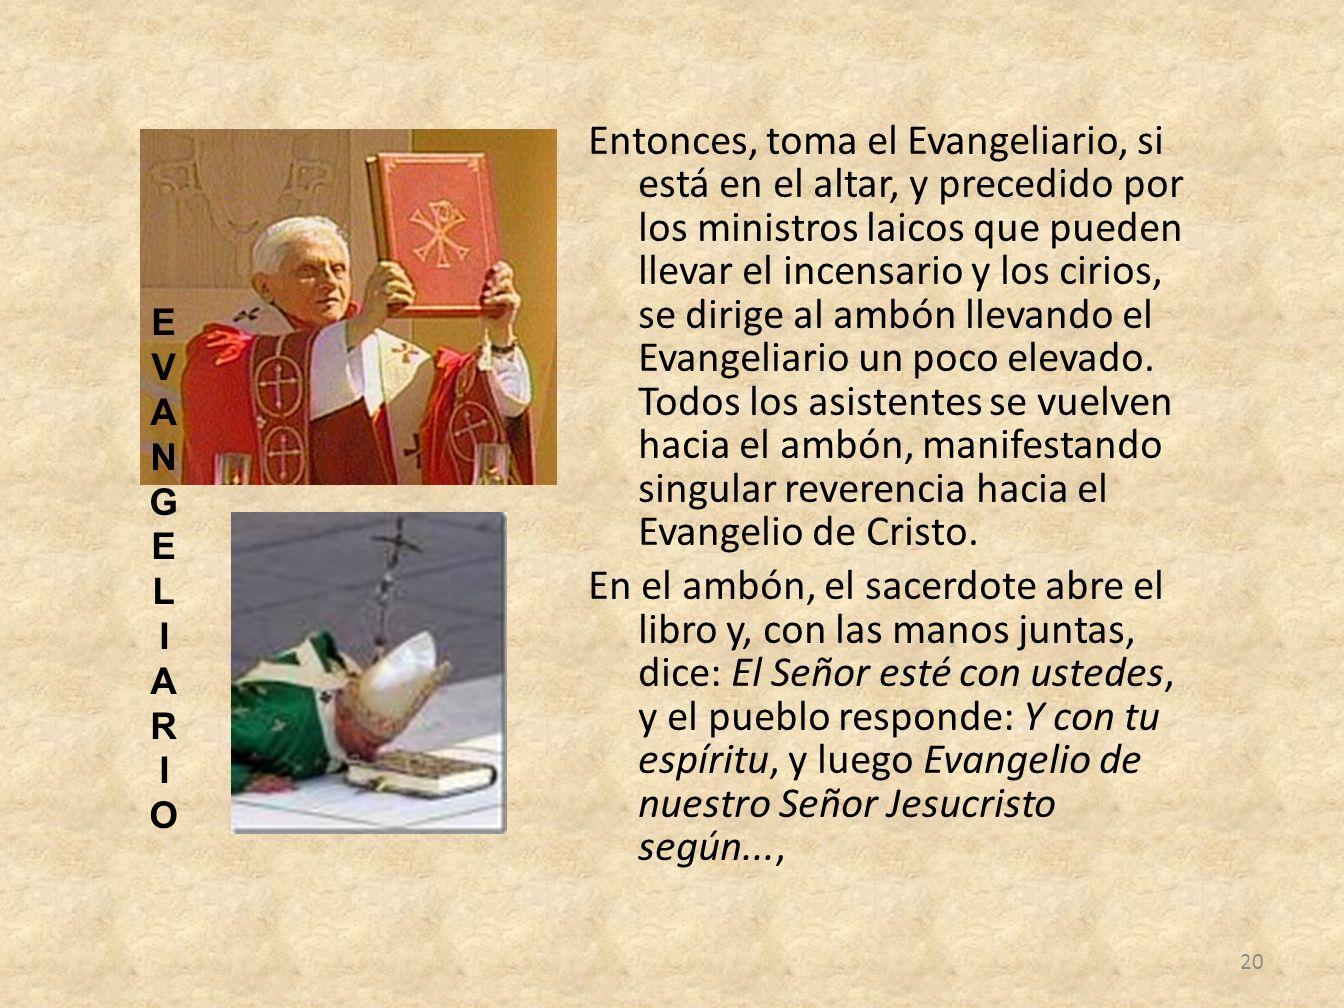 Entonces, toma el Evangeliario, si está en el altar, y precedido por los ministros laicos que pueden llevar el incensario y los cirios, se dirige al a